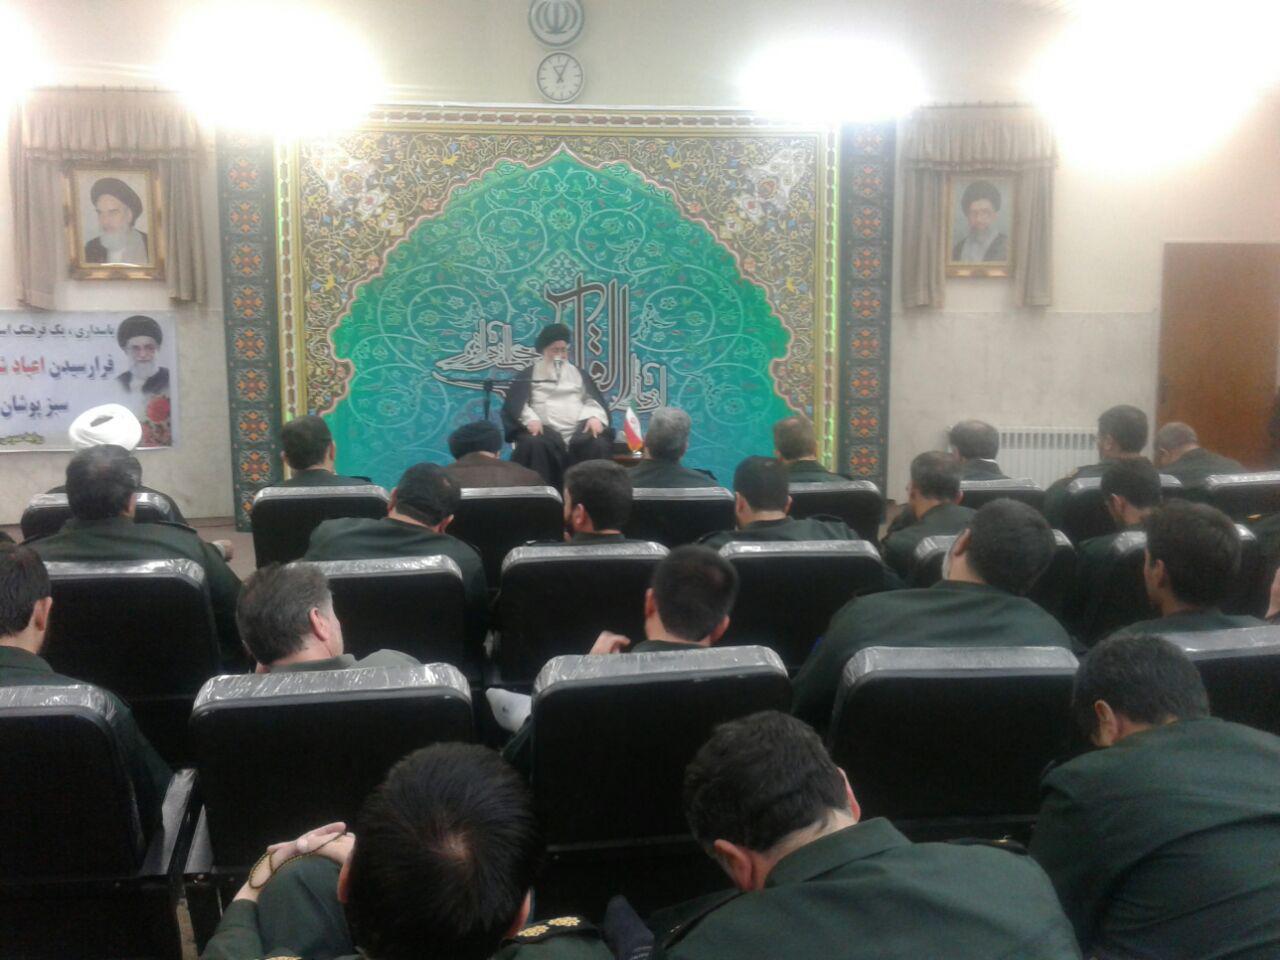 دیدار جمعی از پاسداران سپاه امام رضا (ع )با ایت الله علم الهدی